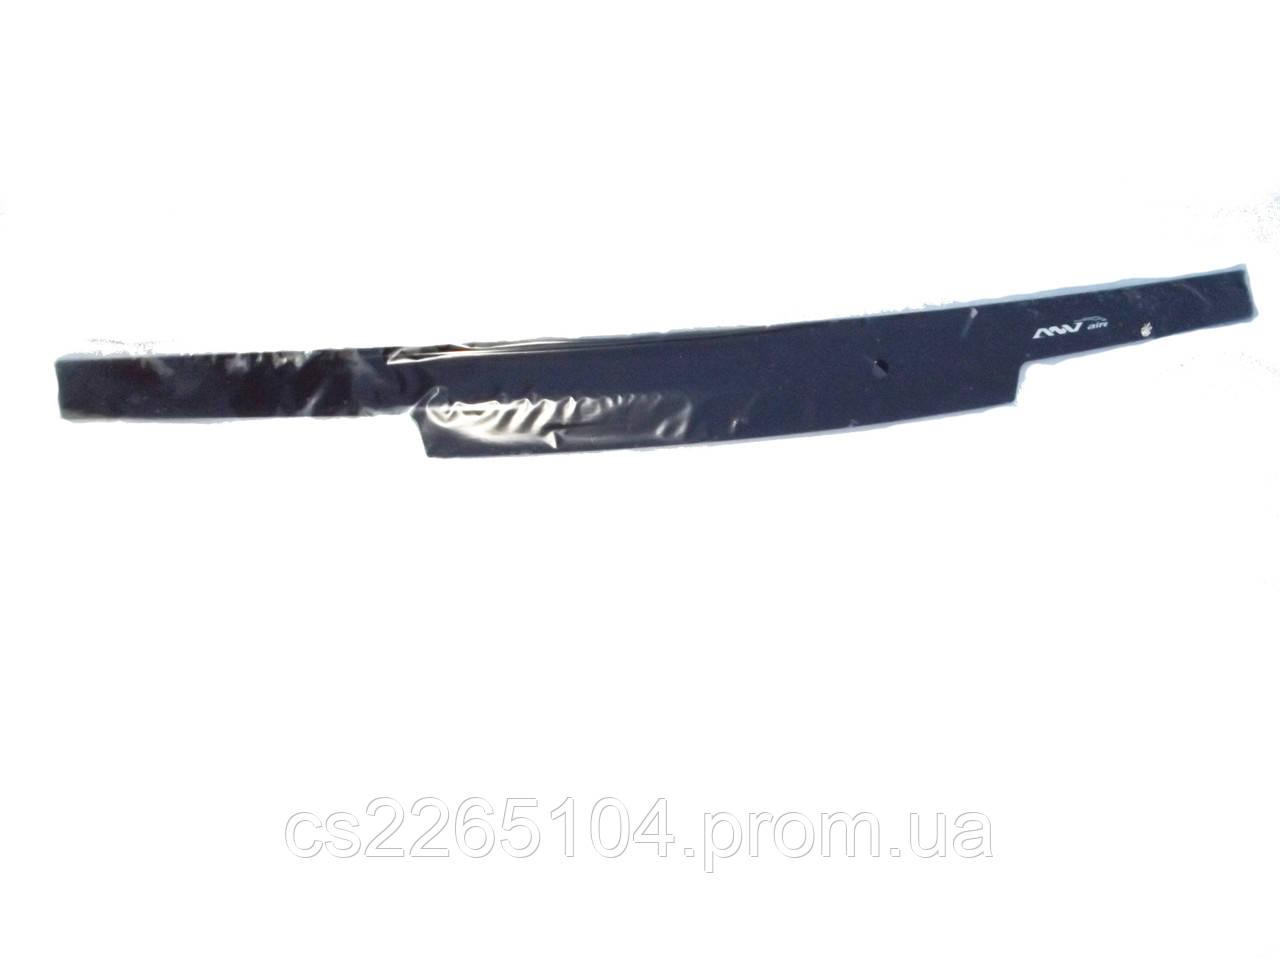 Дефлектор капота ВАЗ 2110